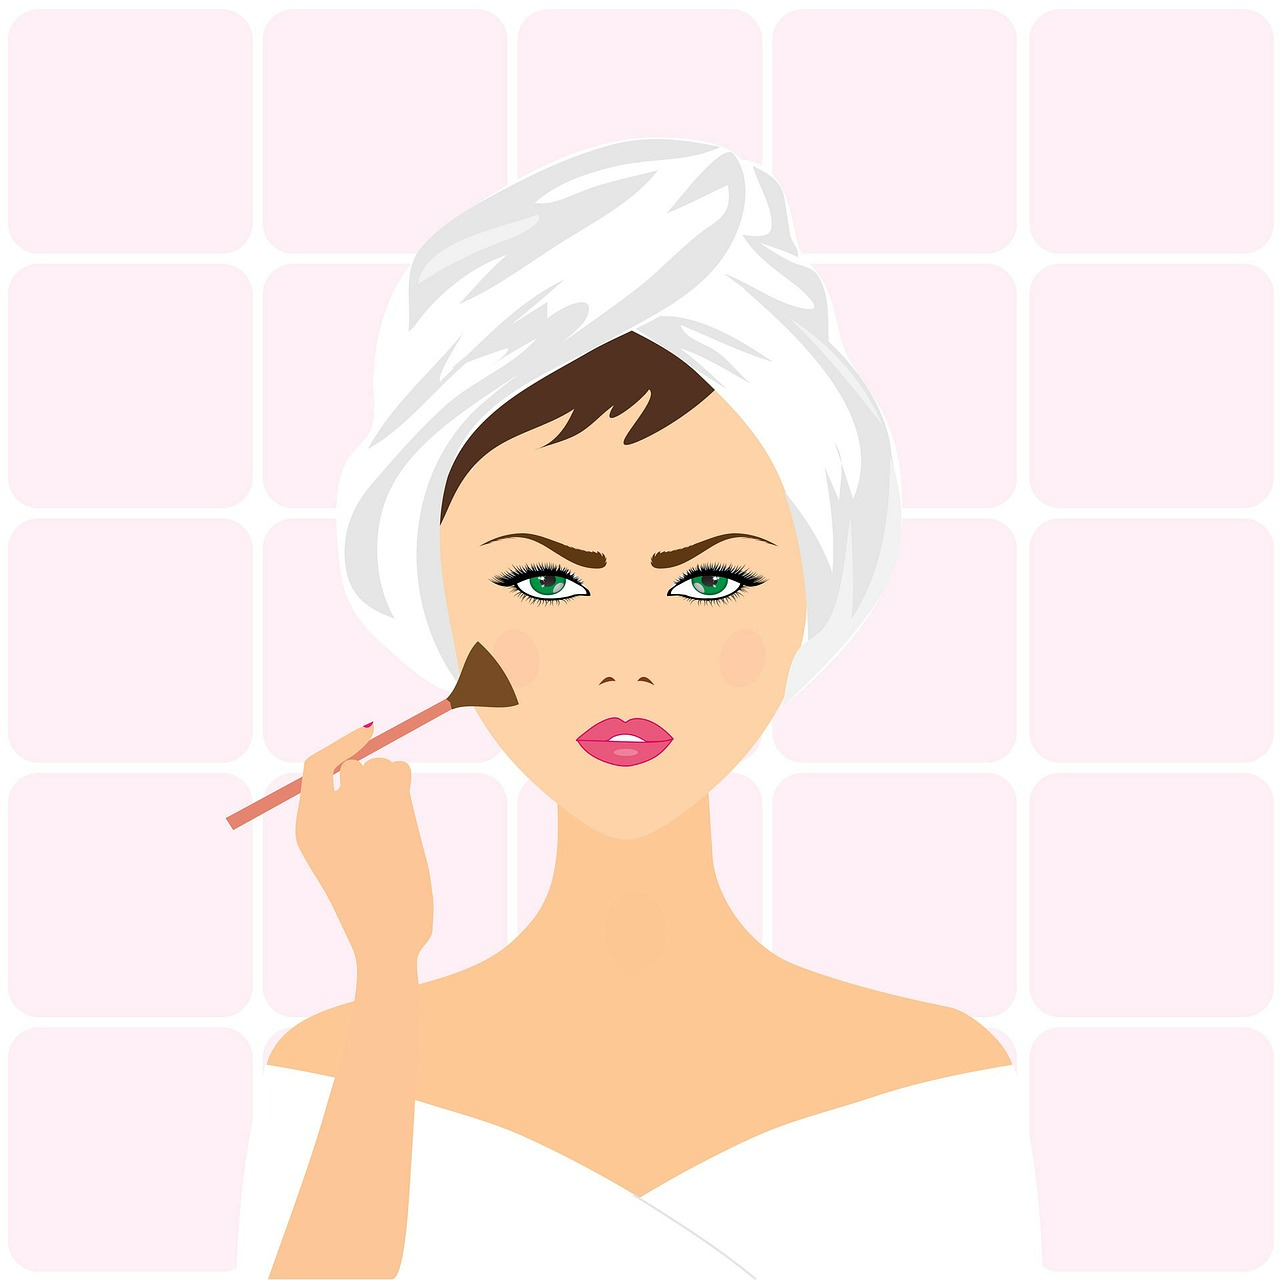 Penser à bien étaler votre fond de teint lorsque vous vous maquillez.